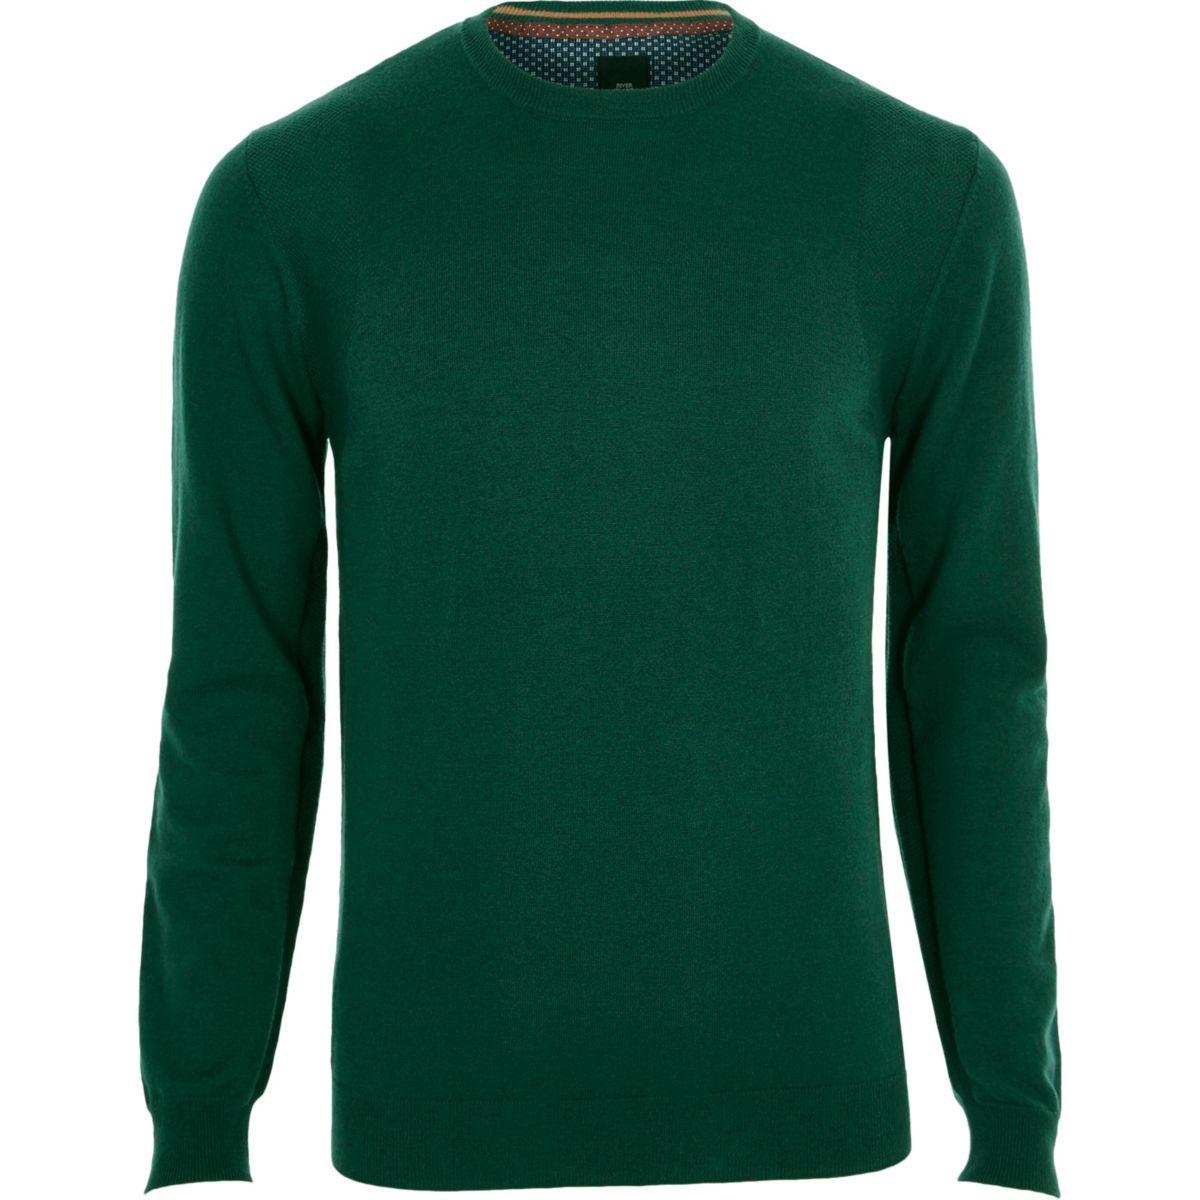 Dark green cashmere blend crew neck sweater